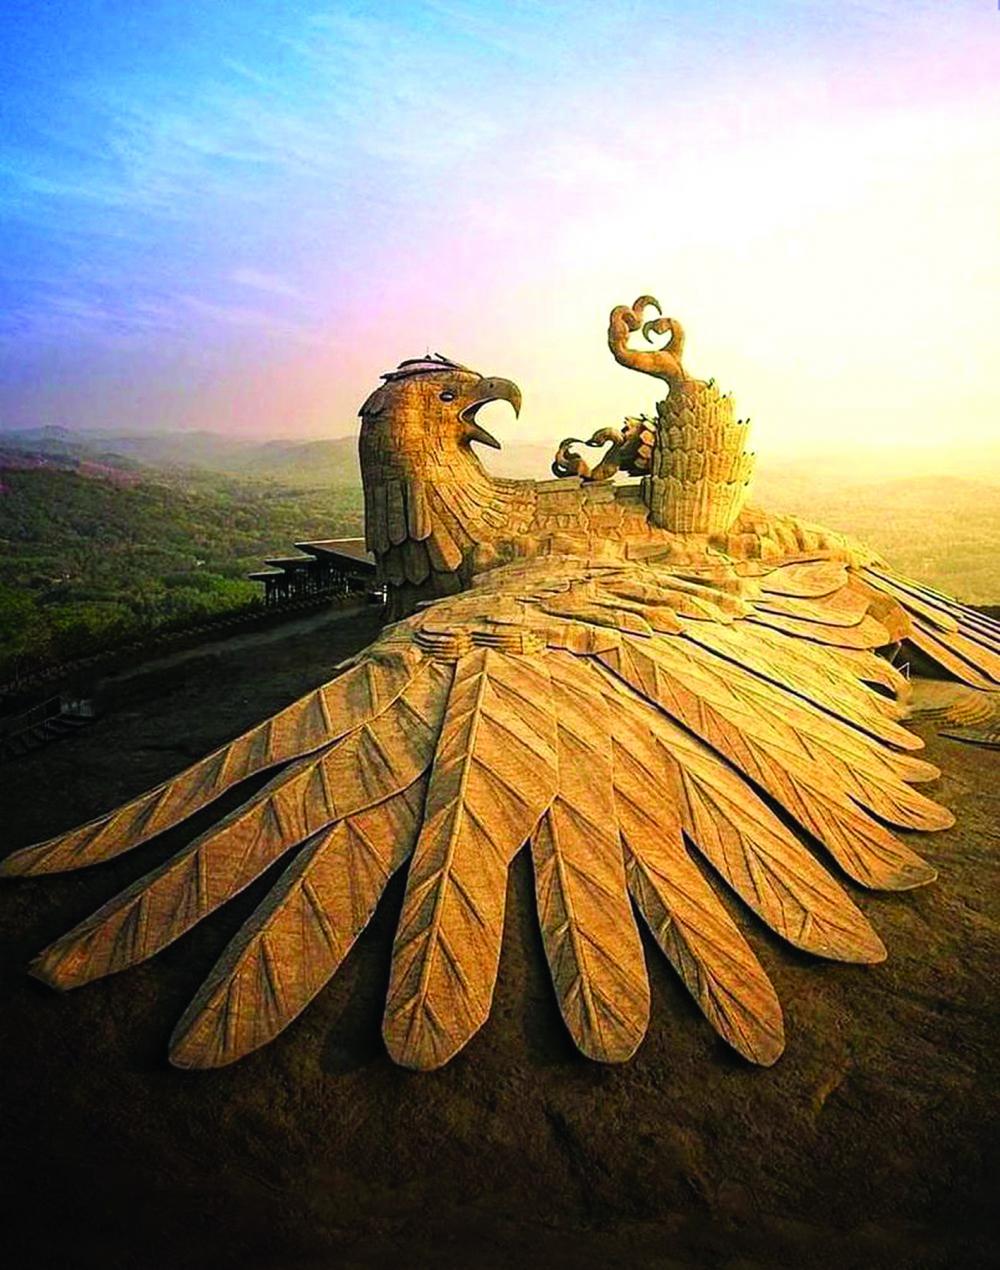 Chim đại bàng Jatayu - sử thi Ramayana - Công viên Jatayu Earth's Center, Ấn Độ